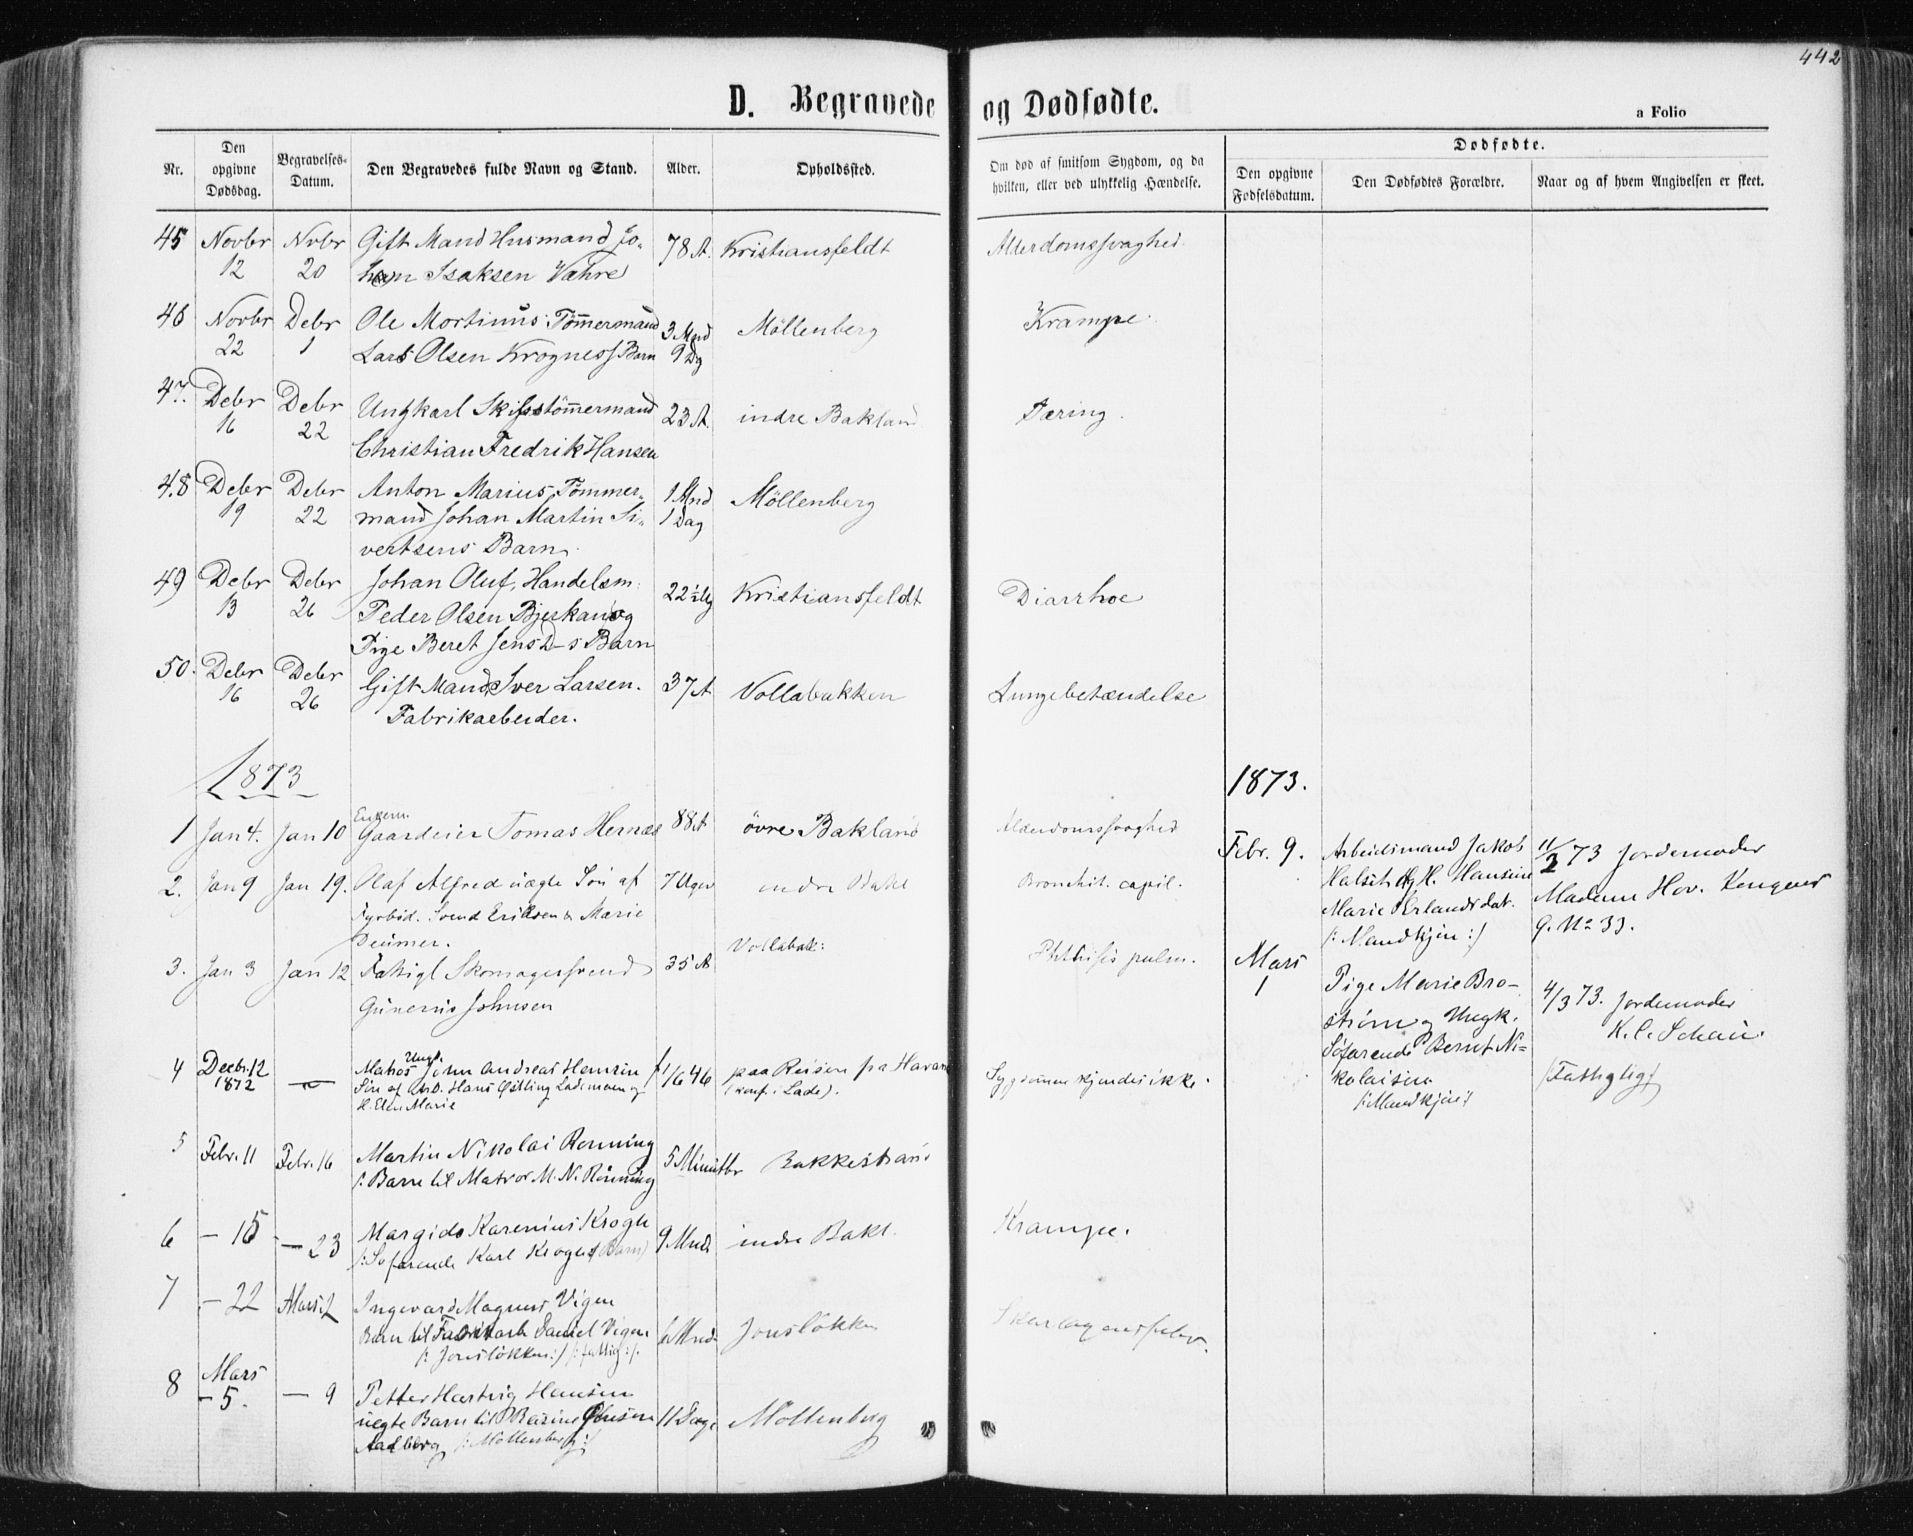 SAT, Ministerialprotokoller, klokkerbøker og fødselsregistre - Sør-Trøndelag, 604/L0186: Ministerialbok nr. 604A07, 1866-1877, s. 442